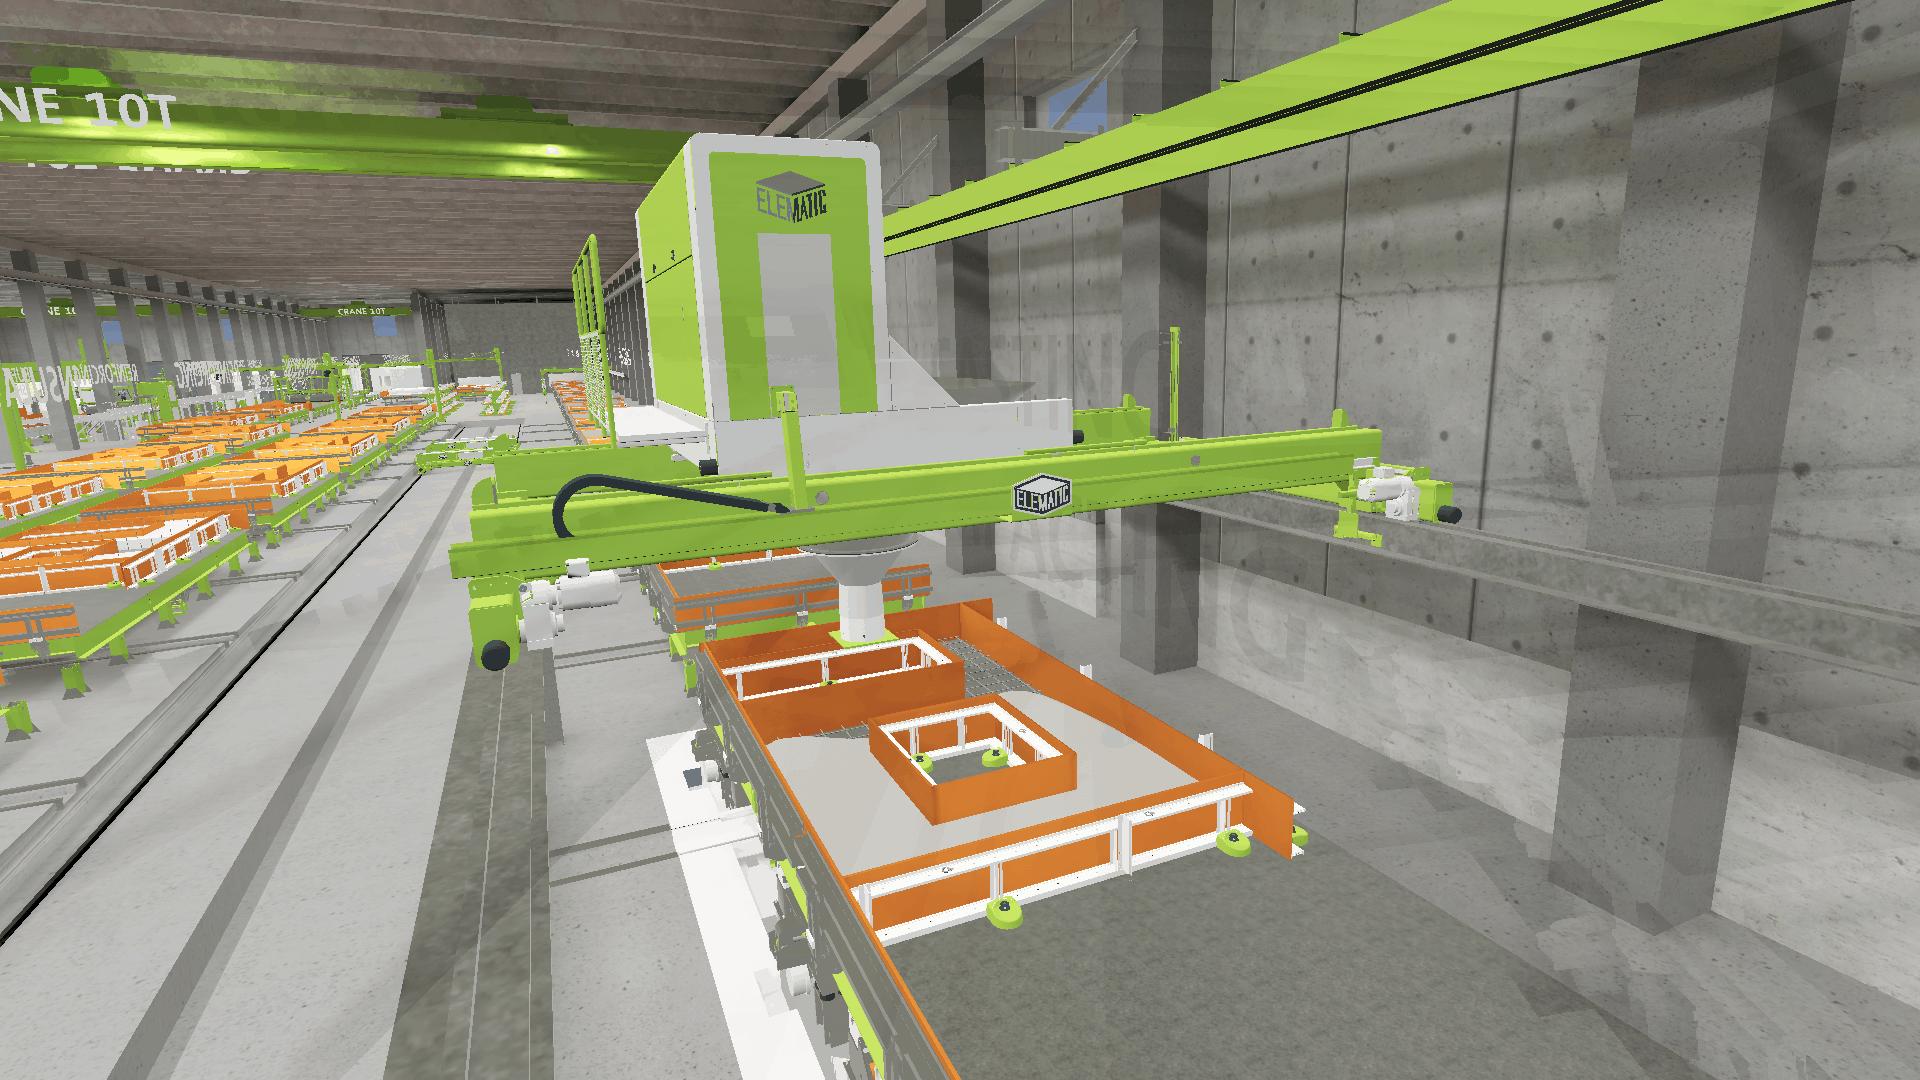 VR precast plant models